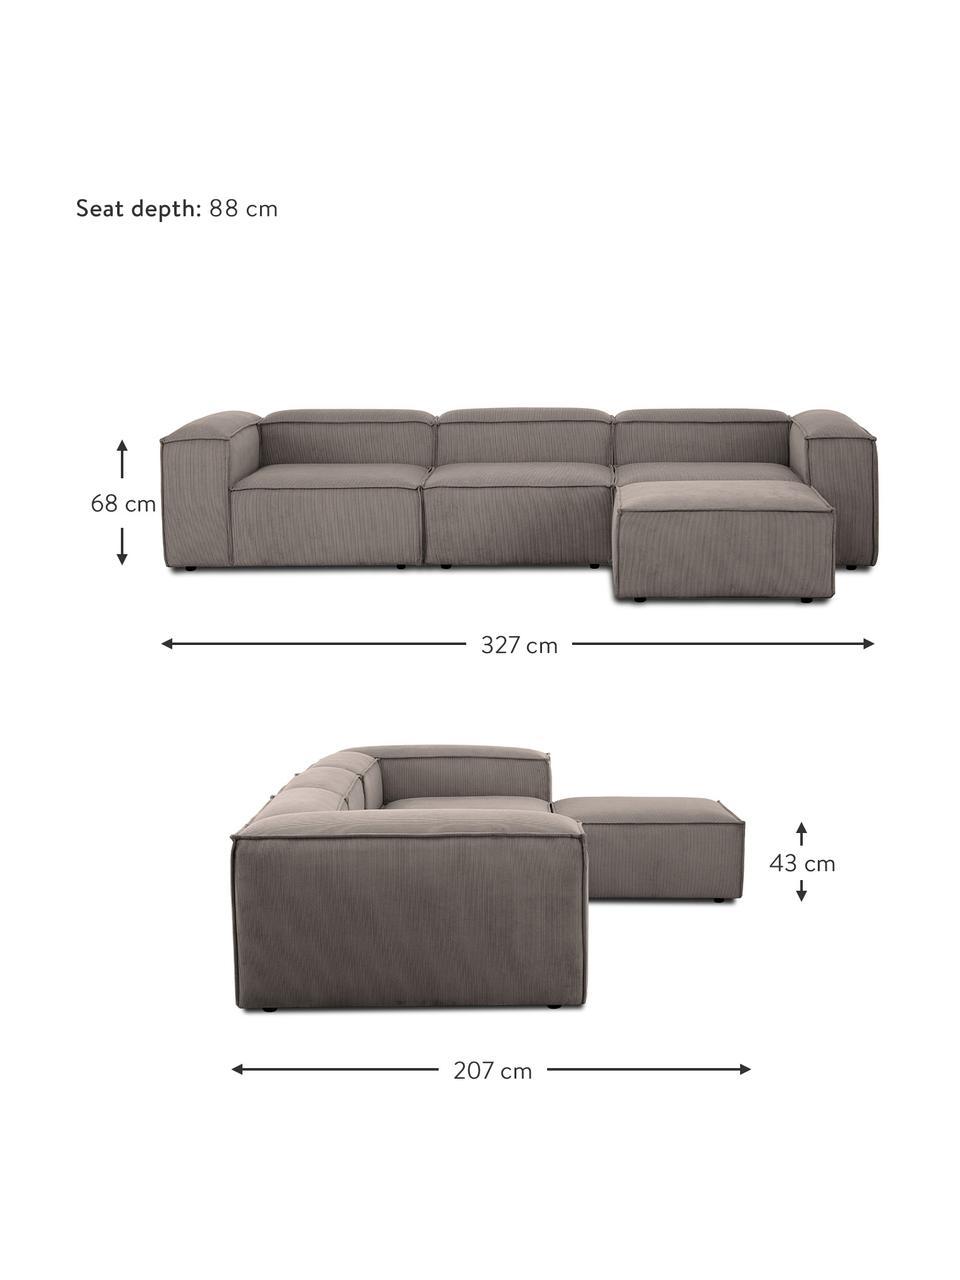 Narożna sofa modułowa ze sztruksu z pufem Lennon (4-osobowa), Tapicerka: sztruks (92% poliester, 8, Stelaż: lite drewno sosnowe, skle, Nogi: tworzywo sztuczne Nogi zn, Sztruksowy brązowy, S 327 x G 207 cm